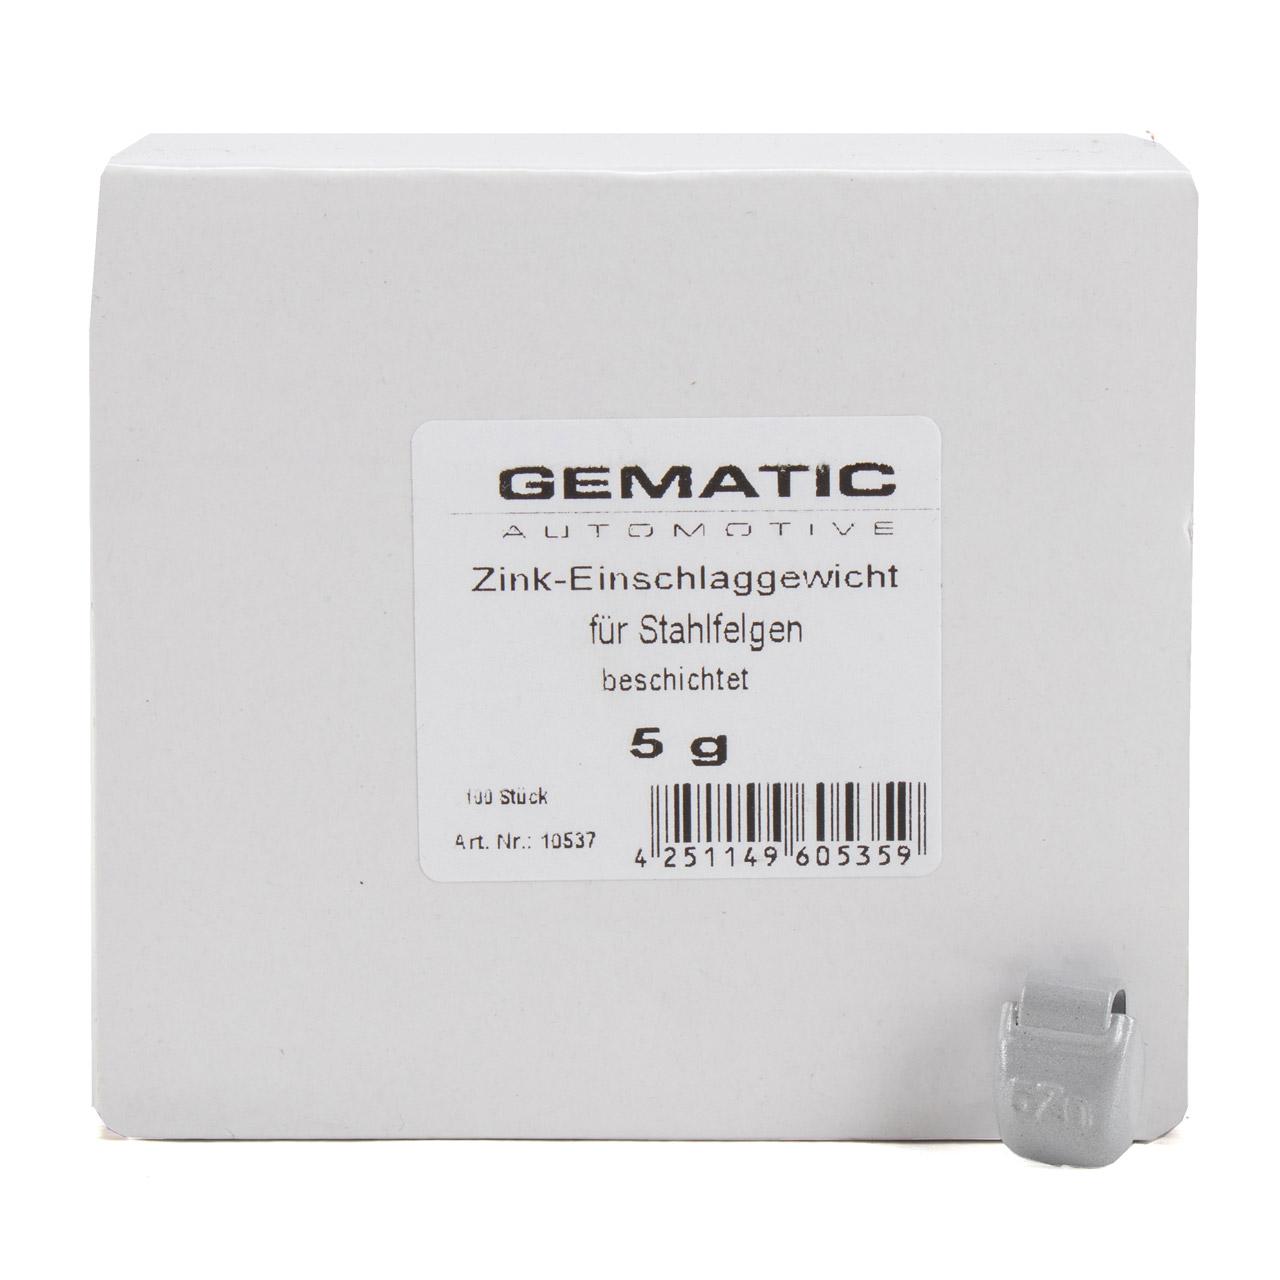 GEMATIC Auswuchtgewicht Schlaggewicht für Stahlfelge GRAU-ZINK 100 Stück x 5g